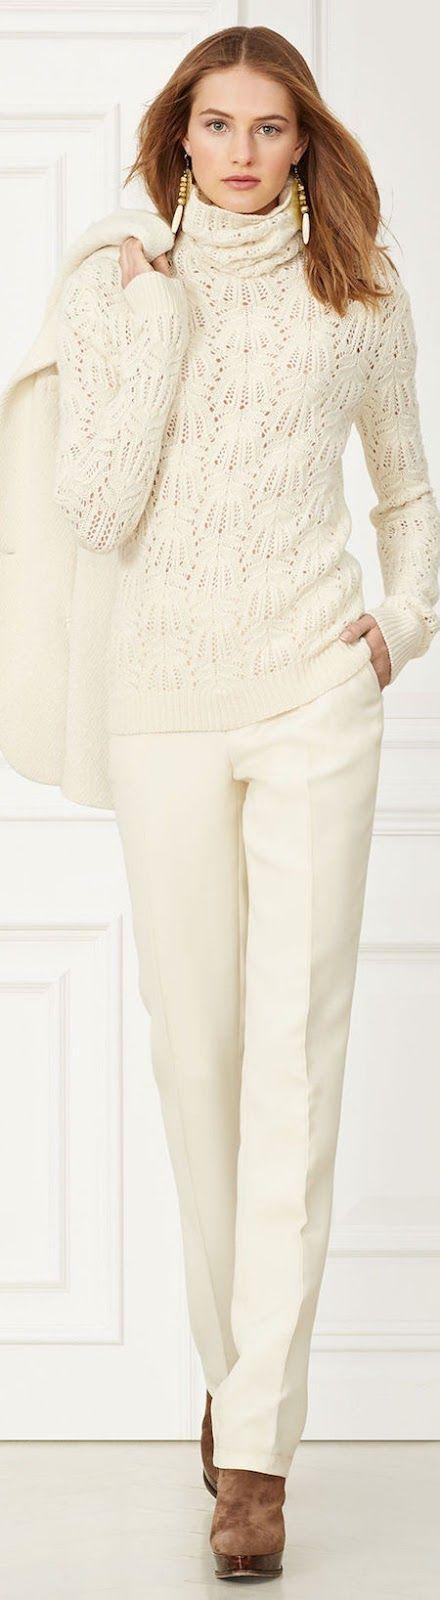 Ralph Lauren knit design.